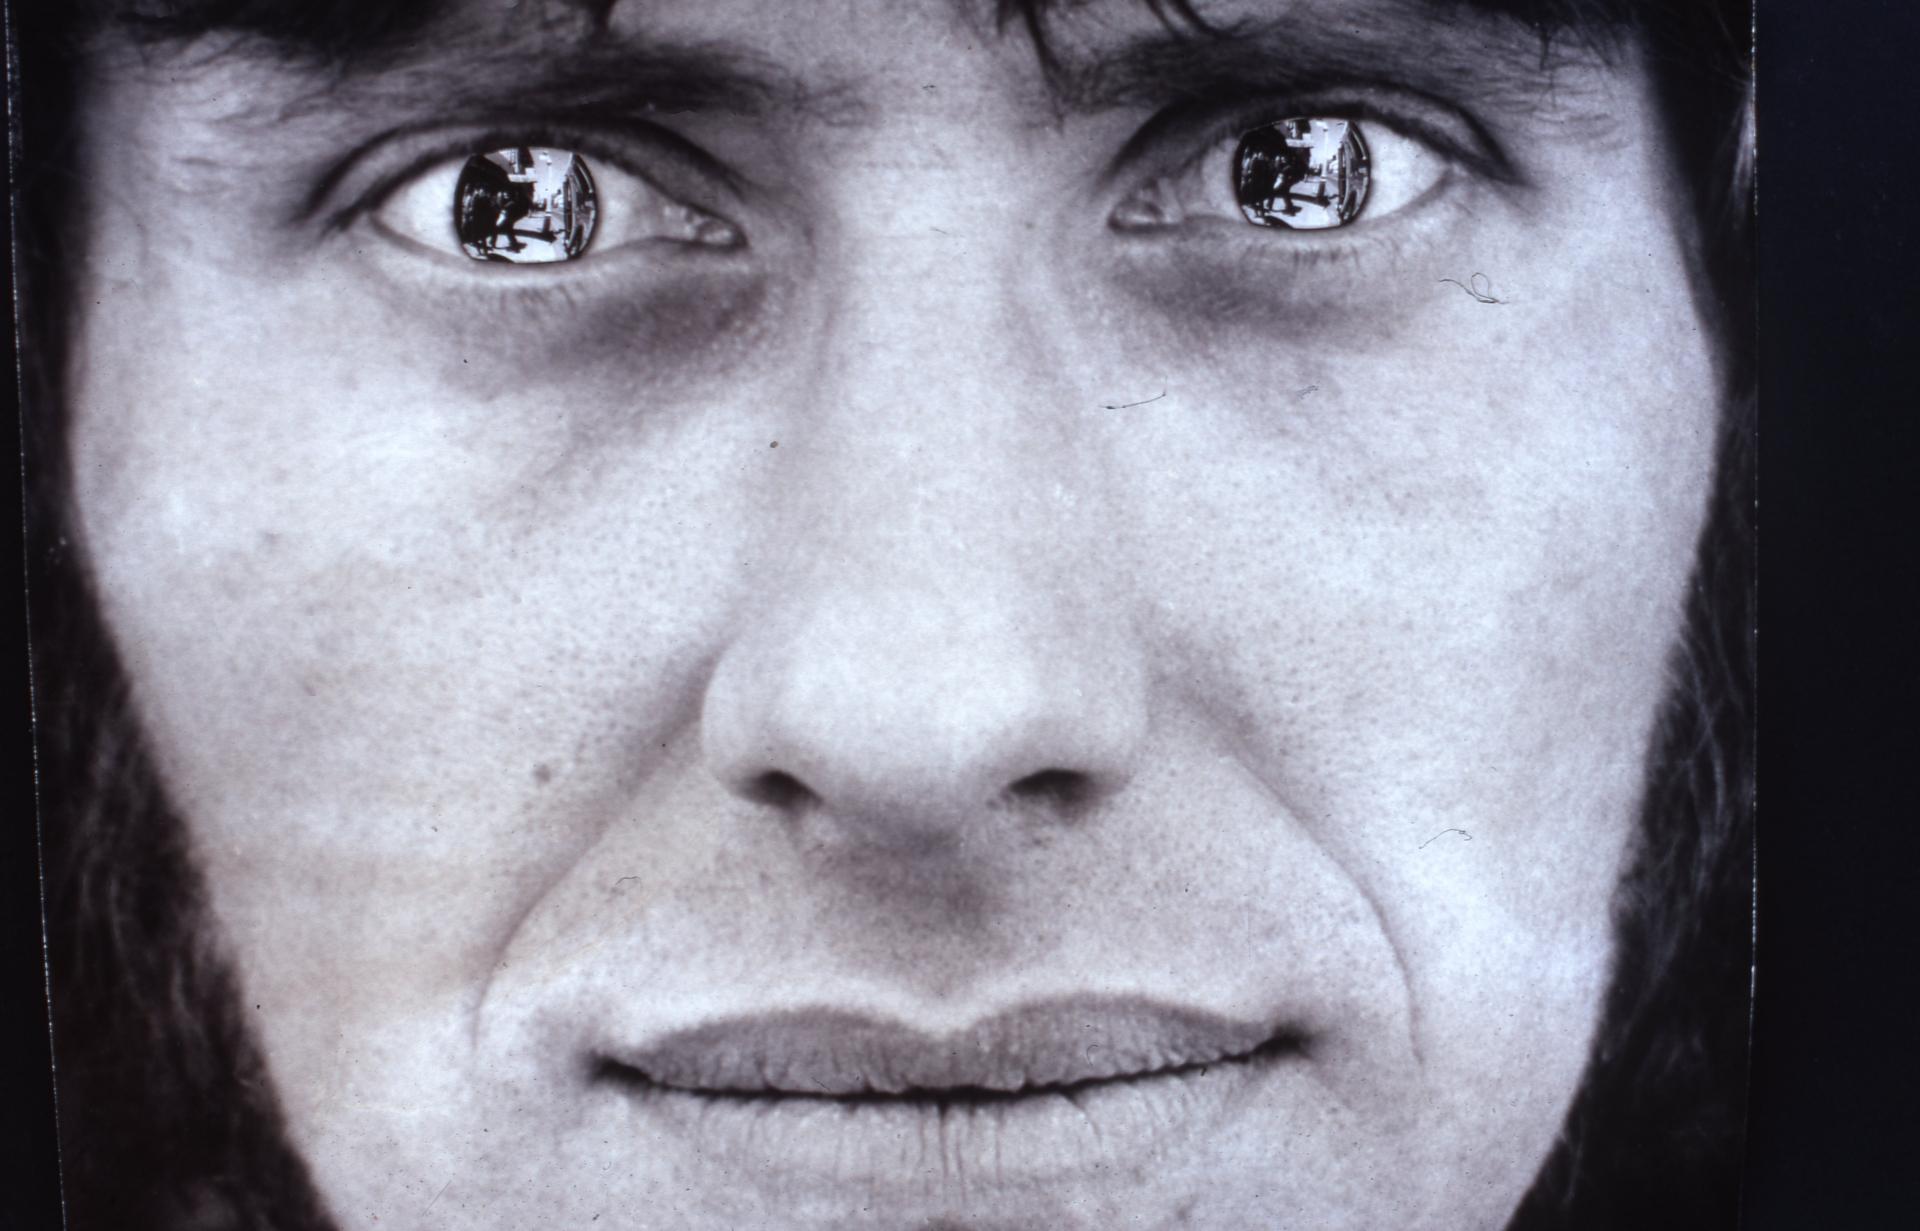 Stephen Kaltenbach, Manipulacja wyglądem osoby – Lustrzane szkła kontaktowe, 1970, fotokolaż